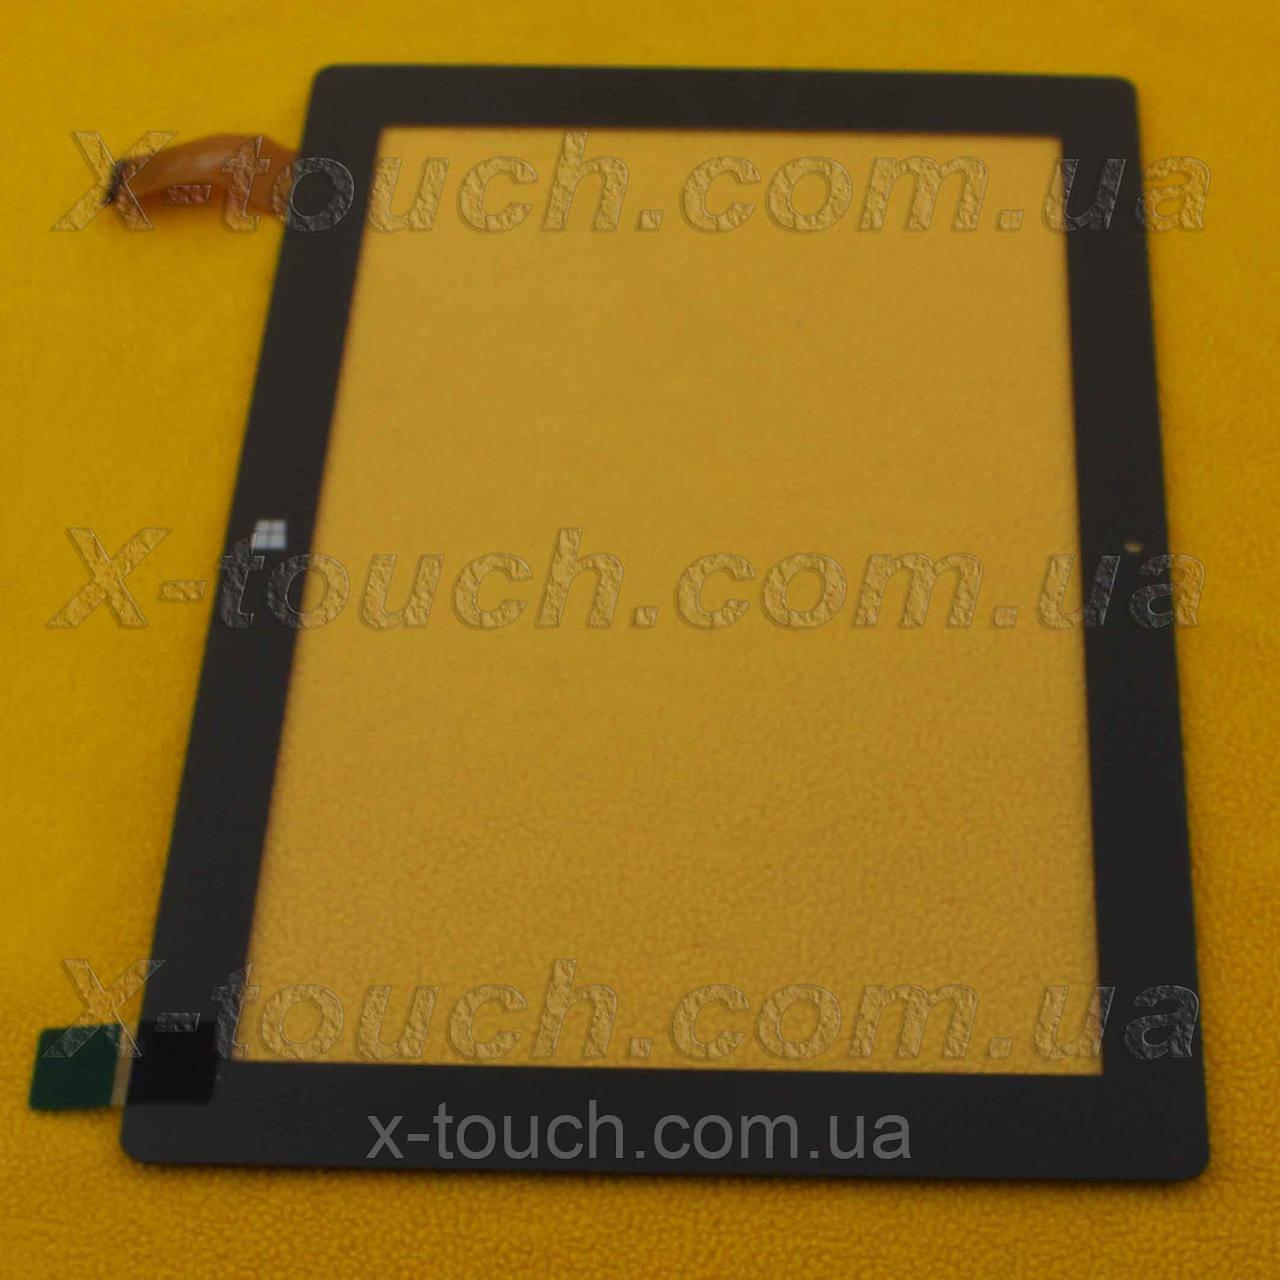 Тачскрин, сенсор Cube i10 Win8 XN-1572-B для планшета